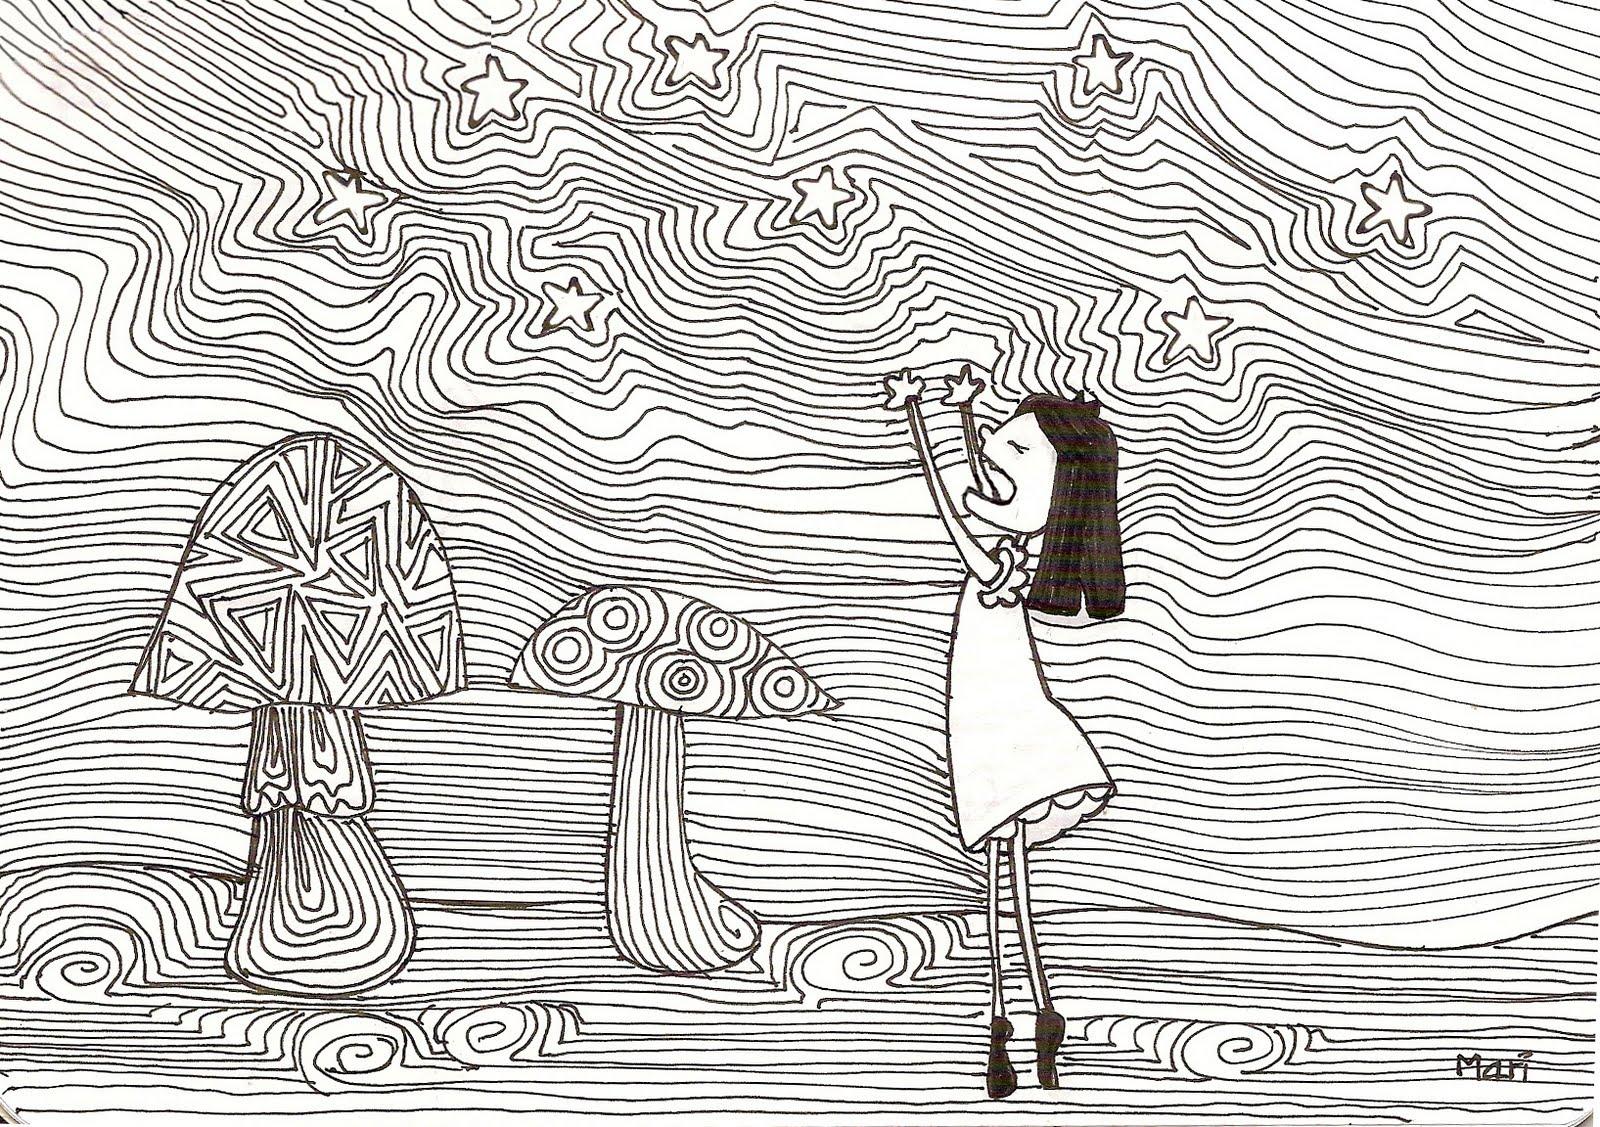 La ArTeSaNíA mE dA aLeGrÍa: Dibujos, cuadros, marcos, camisetas ...